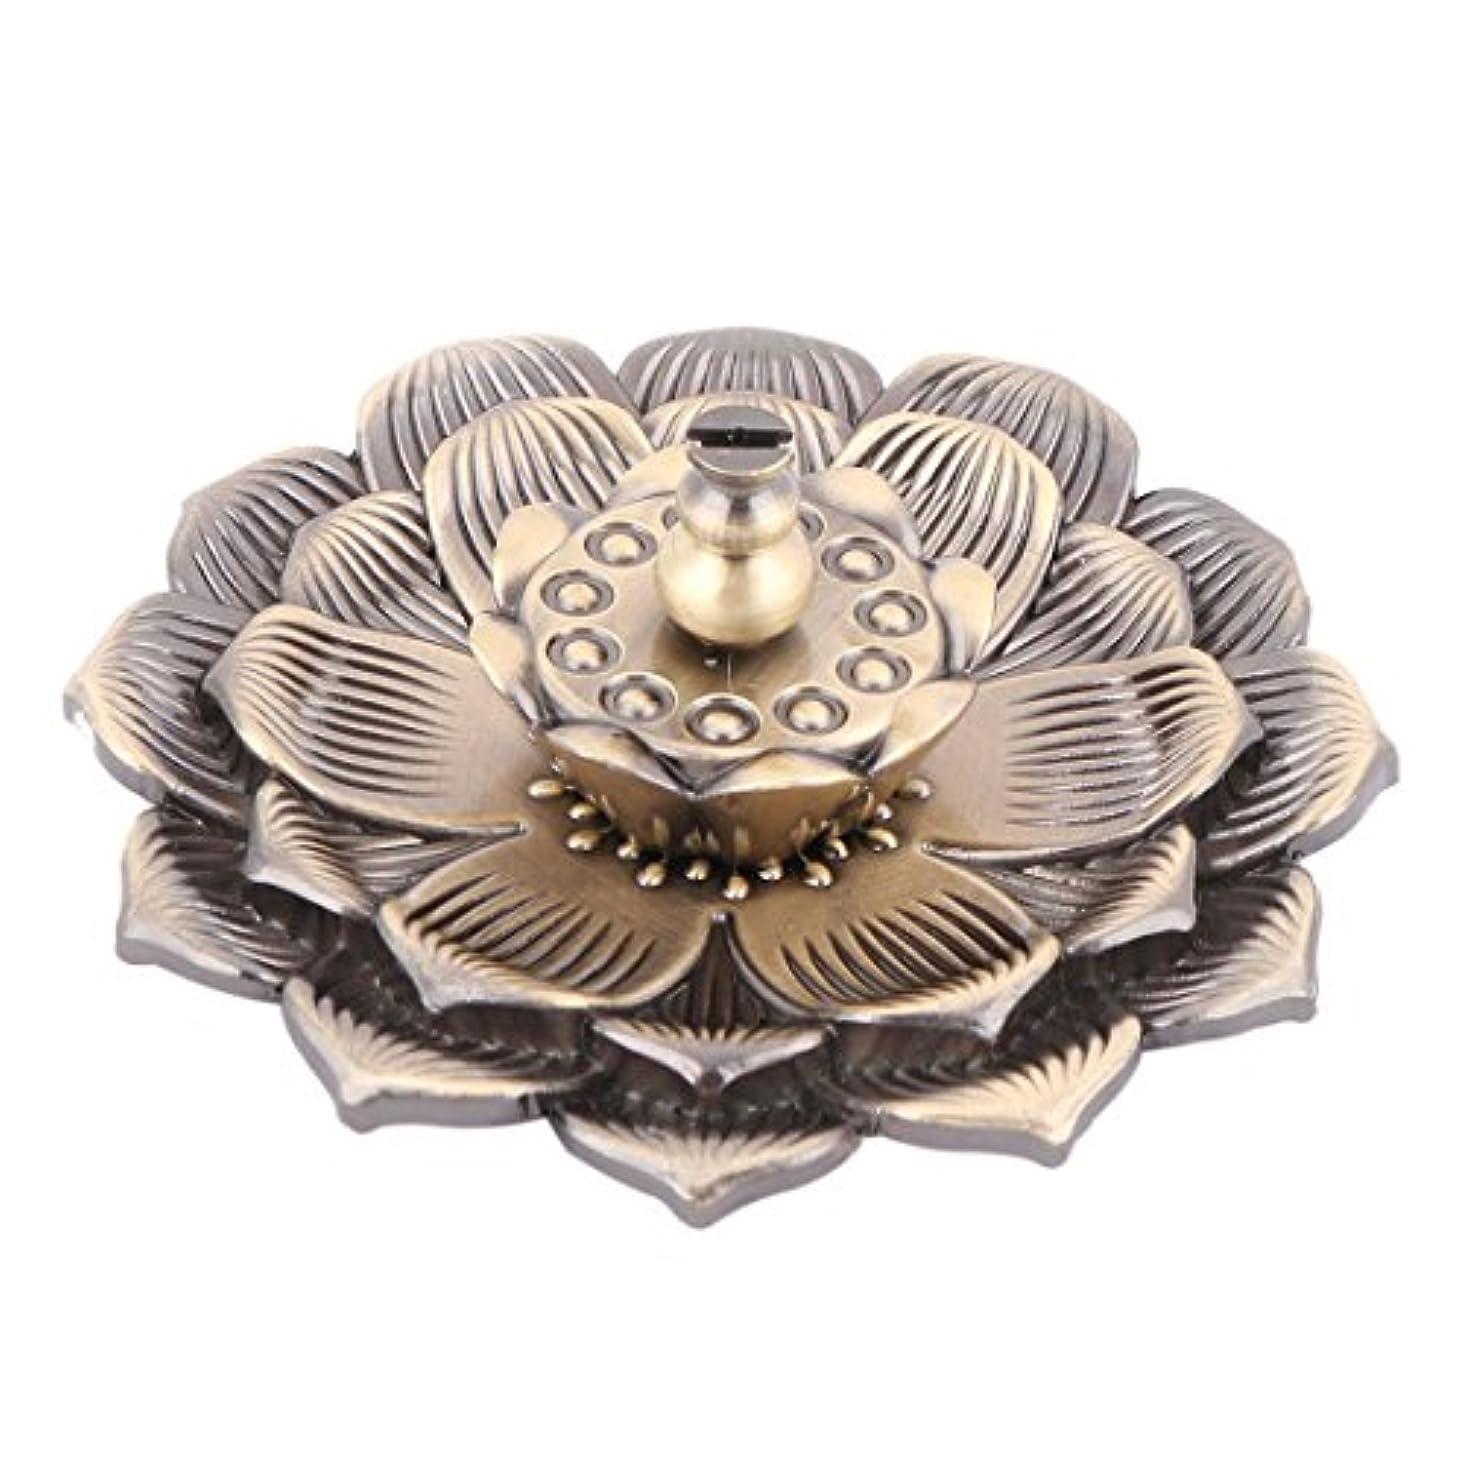 有力者過剰百uxcell 香炉ホルダー お香立て インセンスホルダー 蓮 ロータス 花型 セット 金属製 家庭用 直径10cm ブロンズ